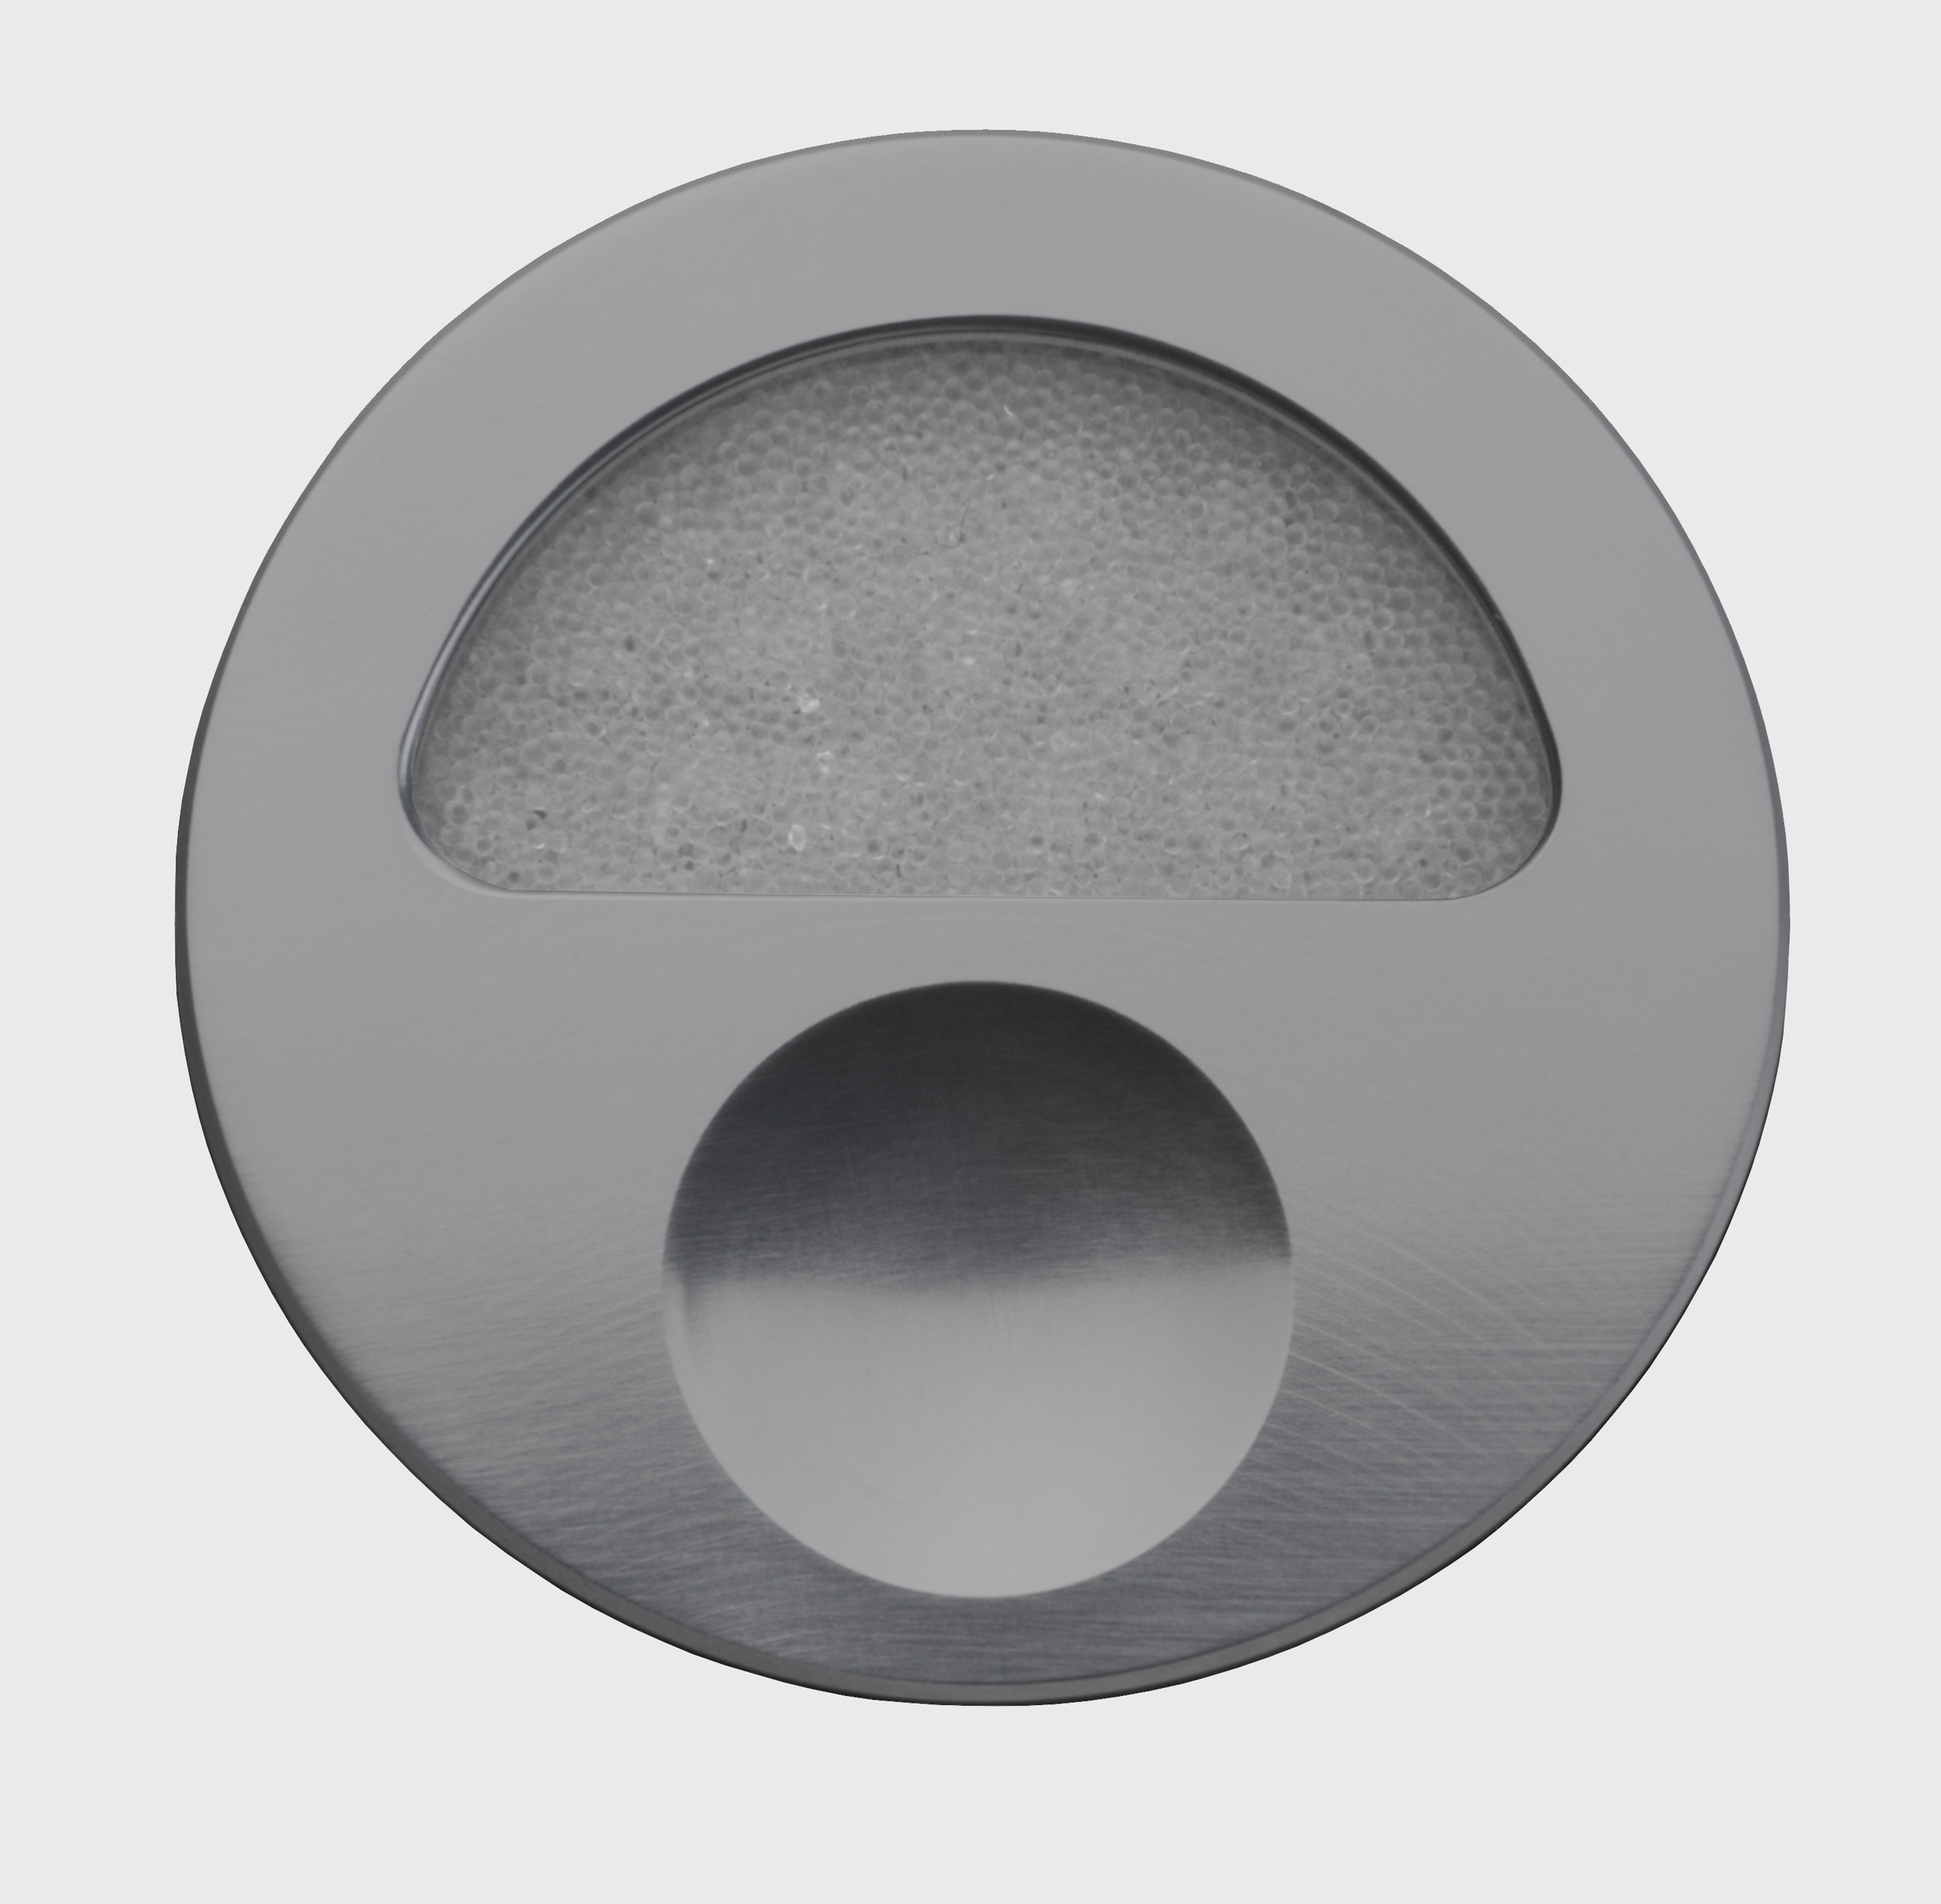 Zephyr-Titainium-Front-Closed-Off-GB.jpg